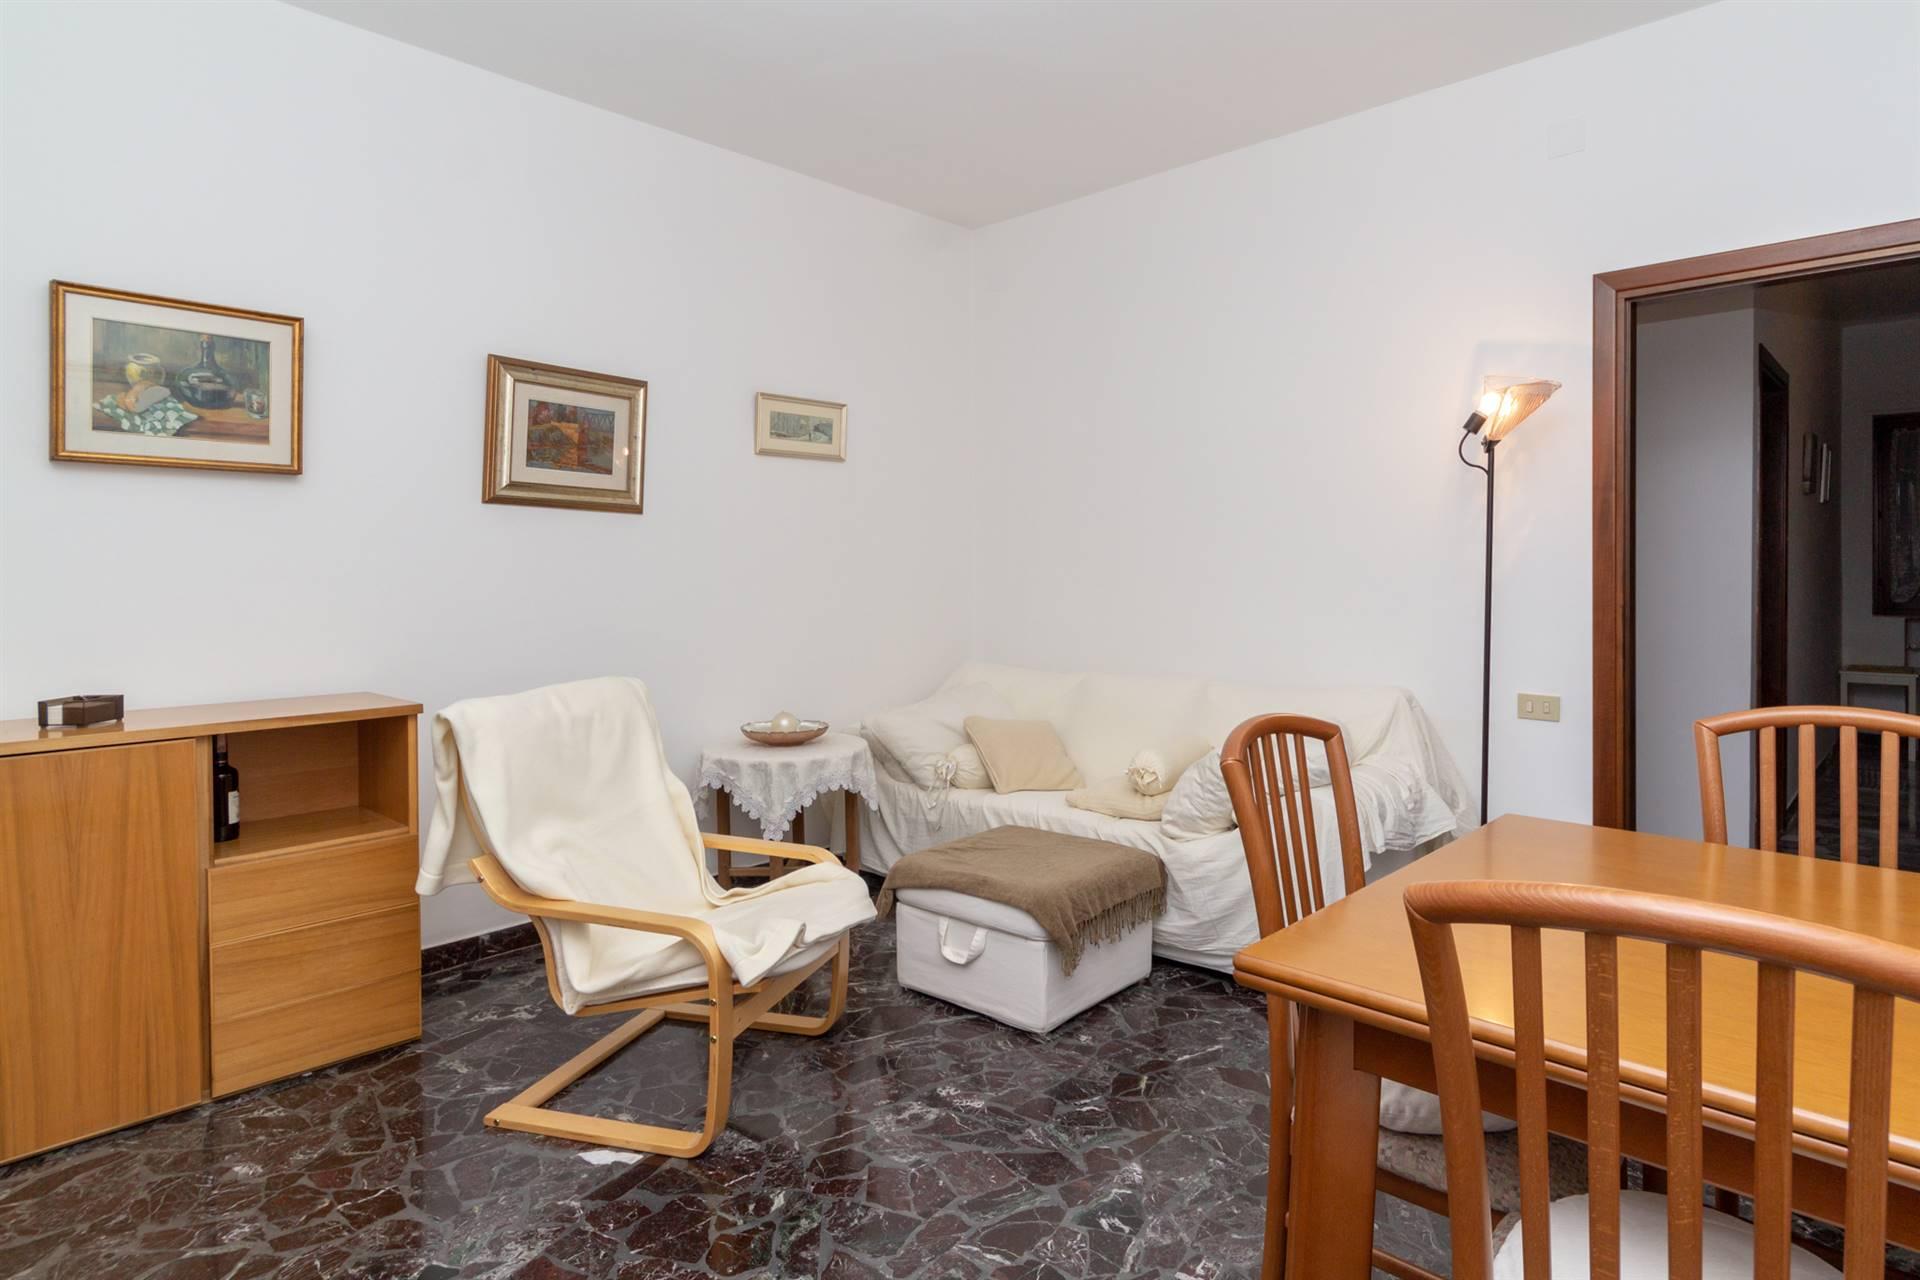 MESTRE, VENEZIA, Квартира в аренду, Отличное, Отопление Централизиванное, Класс энергосбережения: G, на земле 2°, состоит из: 4 Помещения, Отдельная